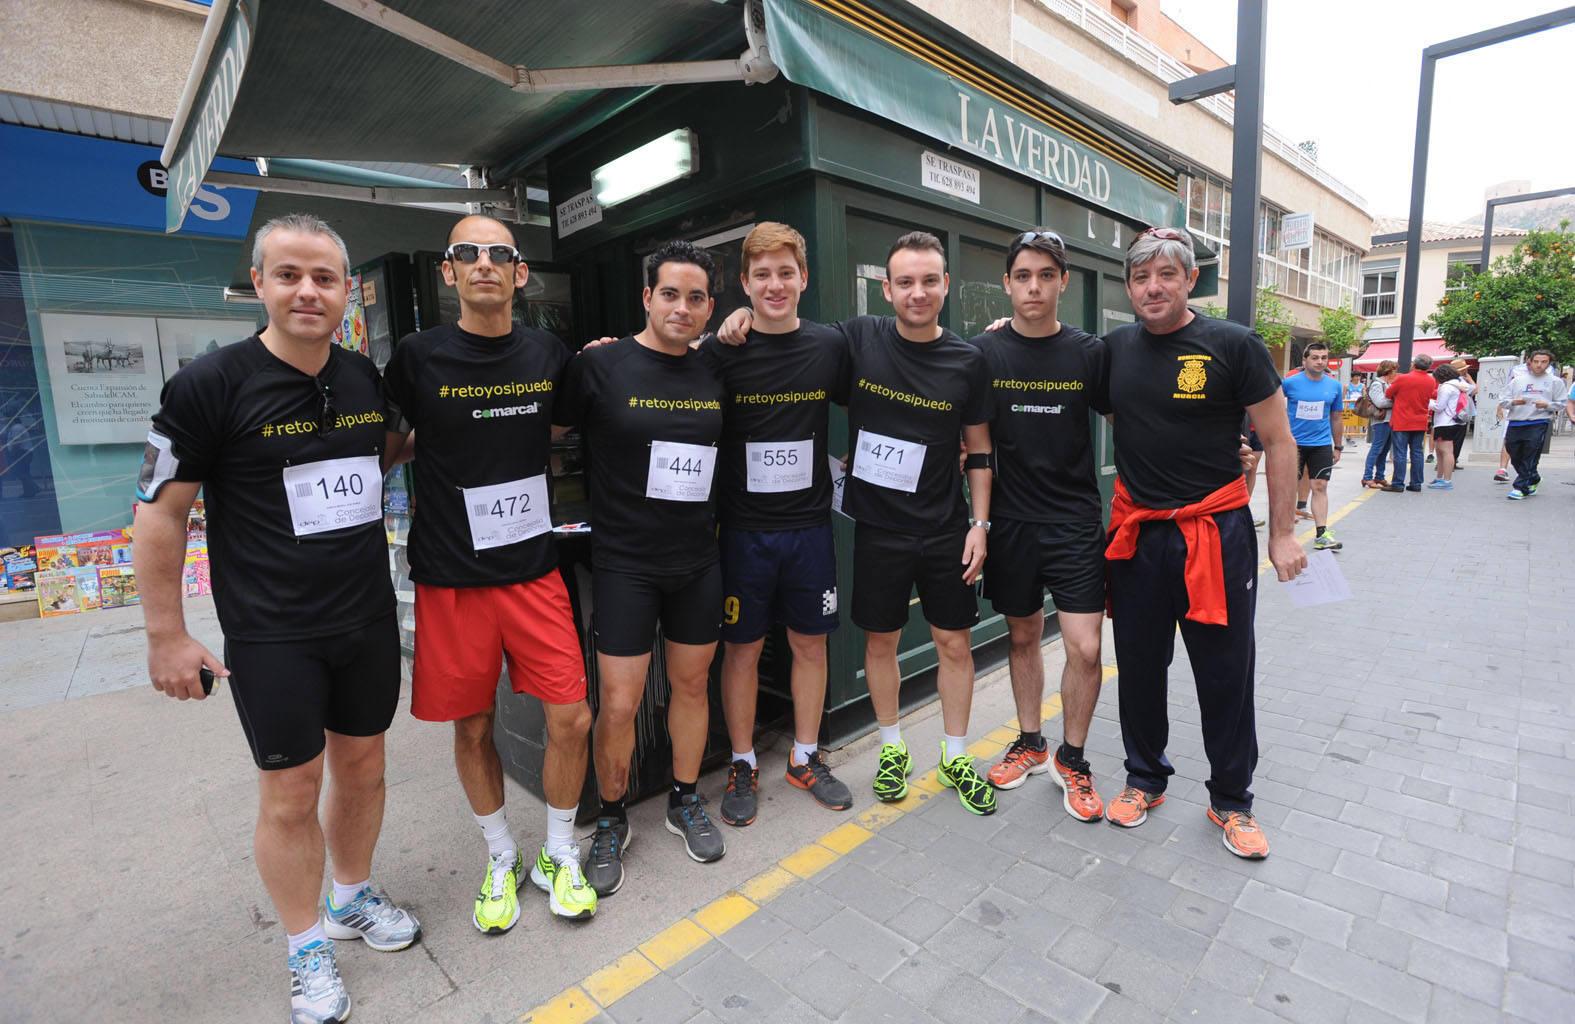 Un millar de atletas participan en la carrera solidaria 'Corre x Lorca'